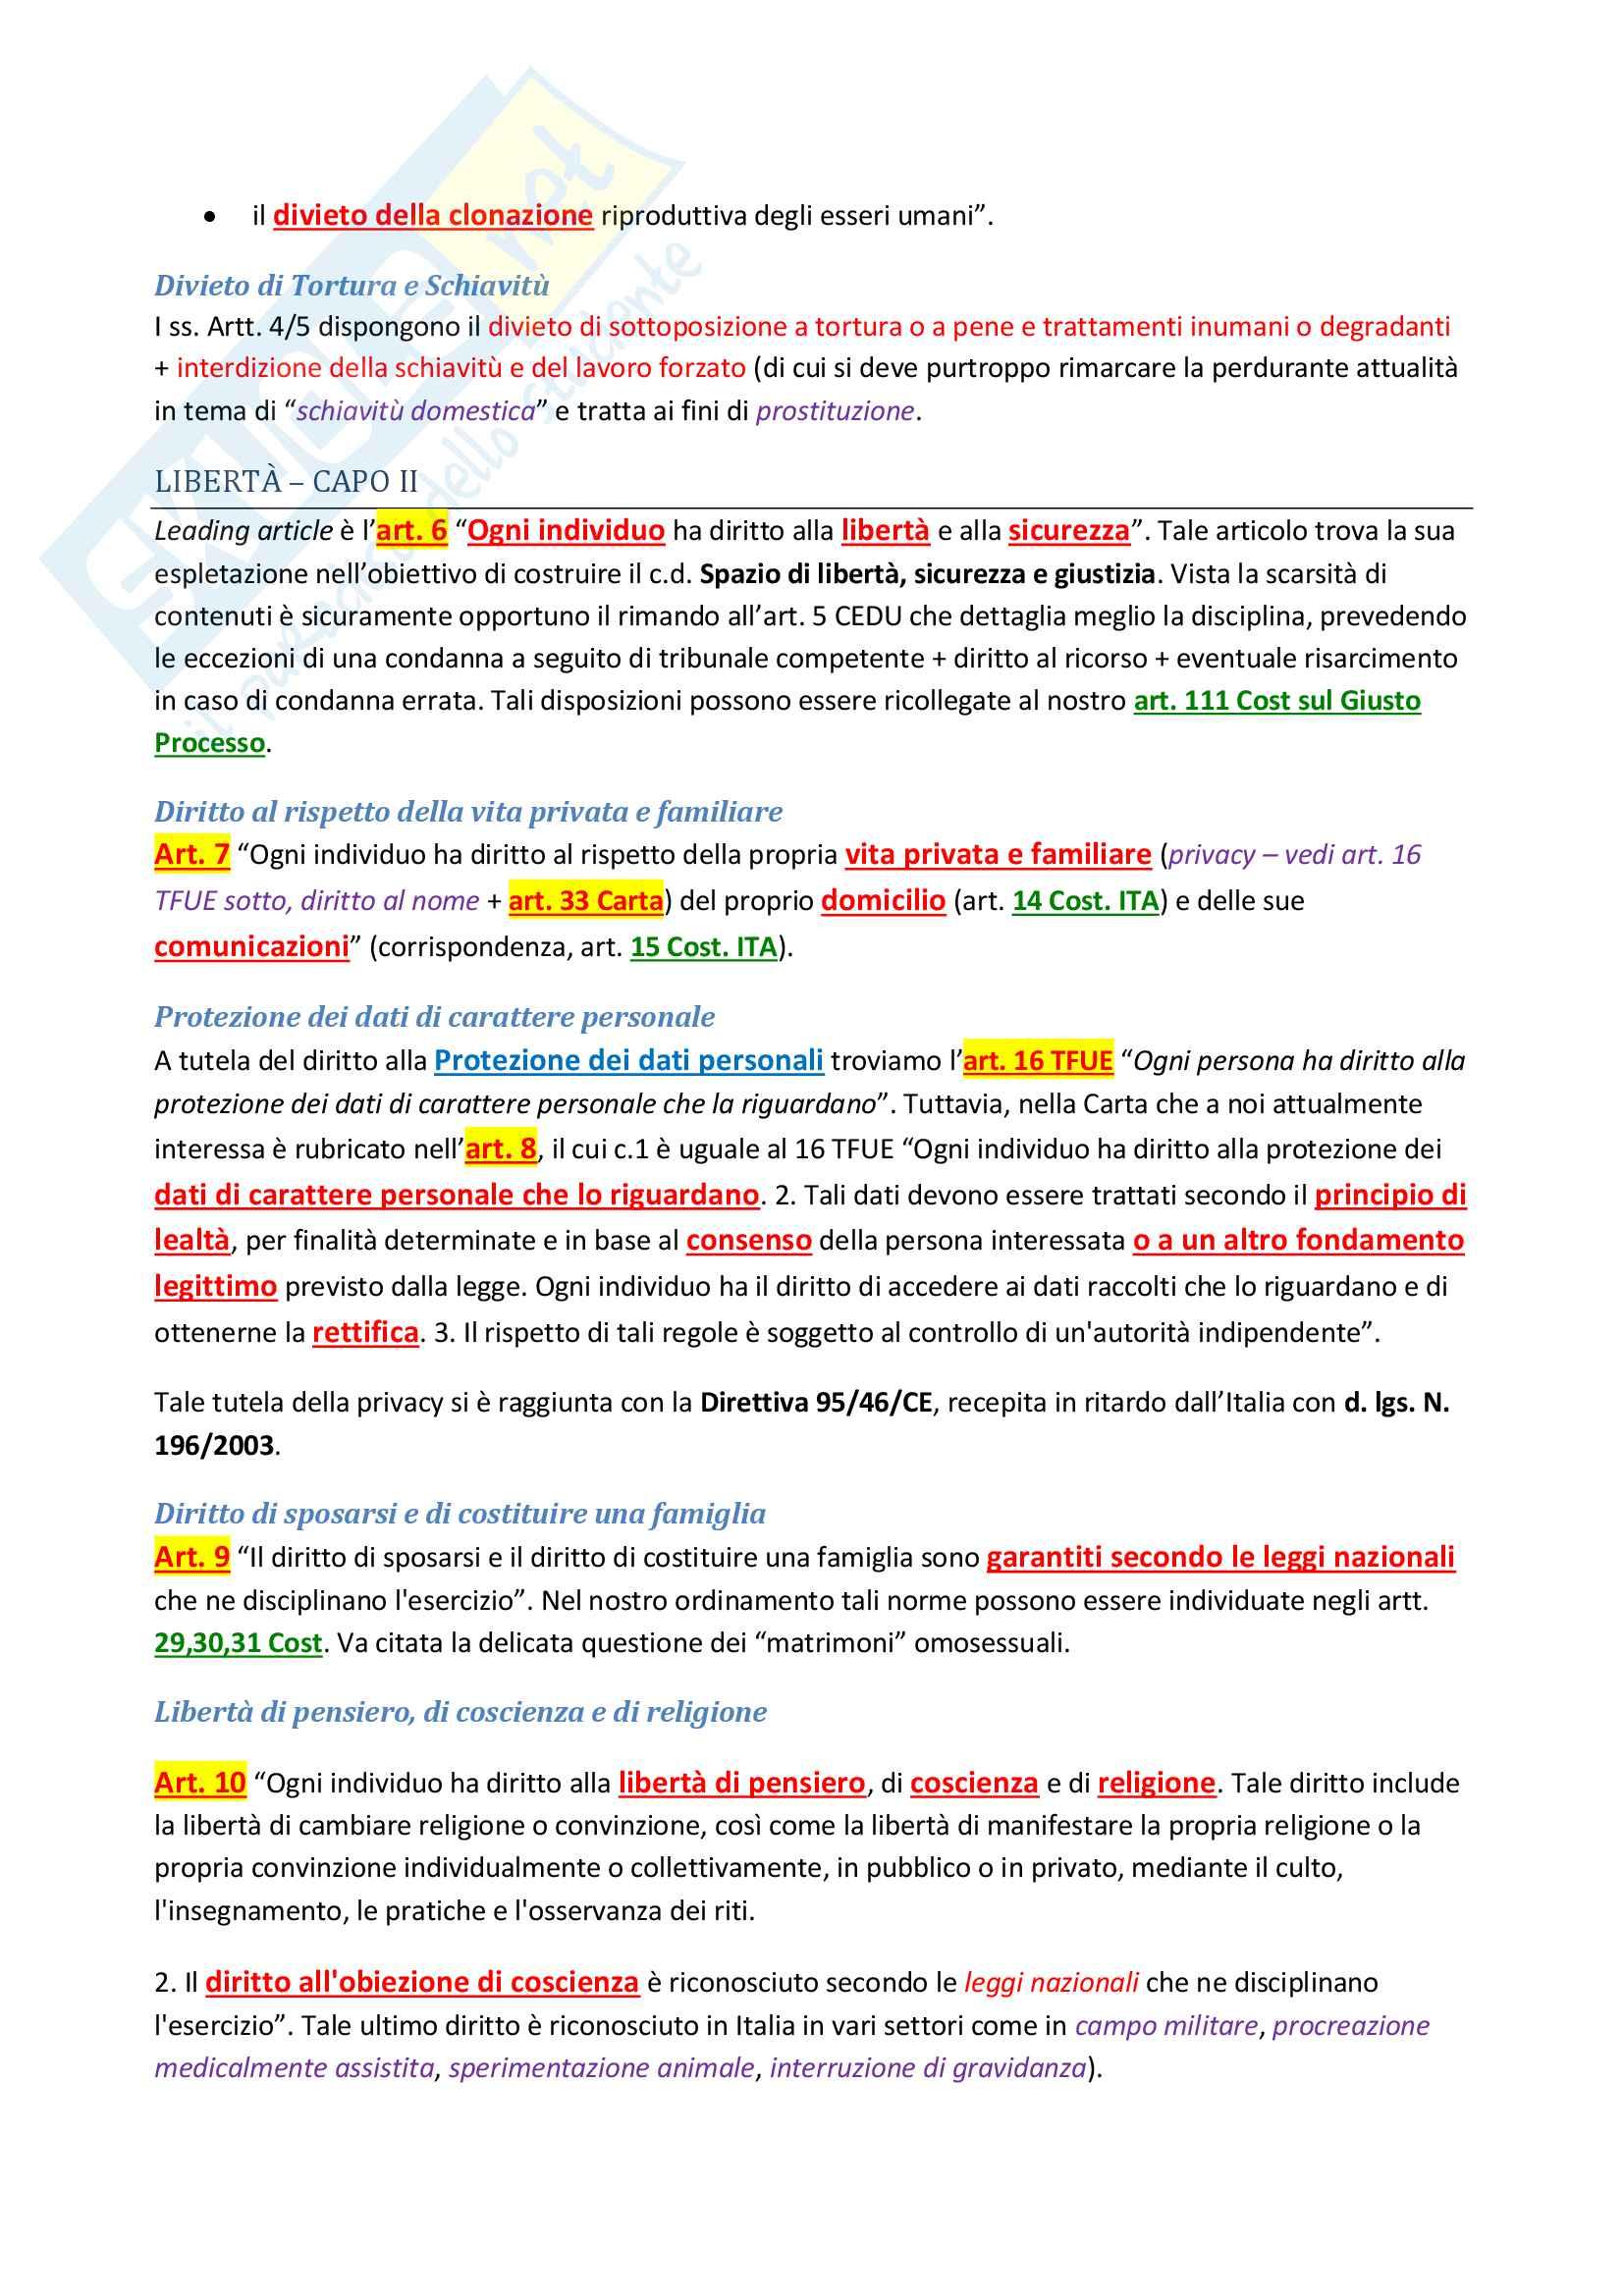 Riassunto esame di Diritto costituzionale 2 II, prof. P. Costanzo e L. Trucco, libro consigliato Lineamenti di diritto costituzionale dell'Unione Europea, P. Costanzo Pag. 66